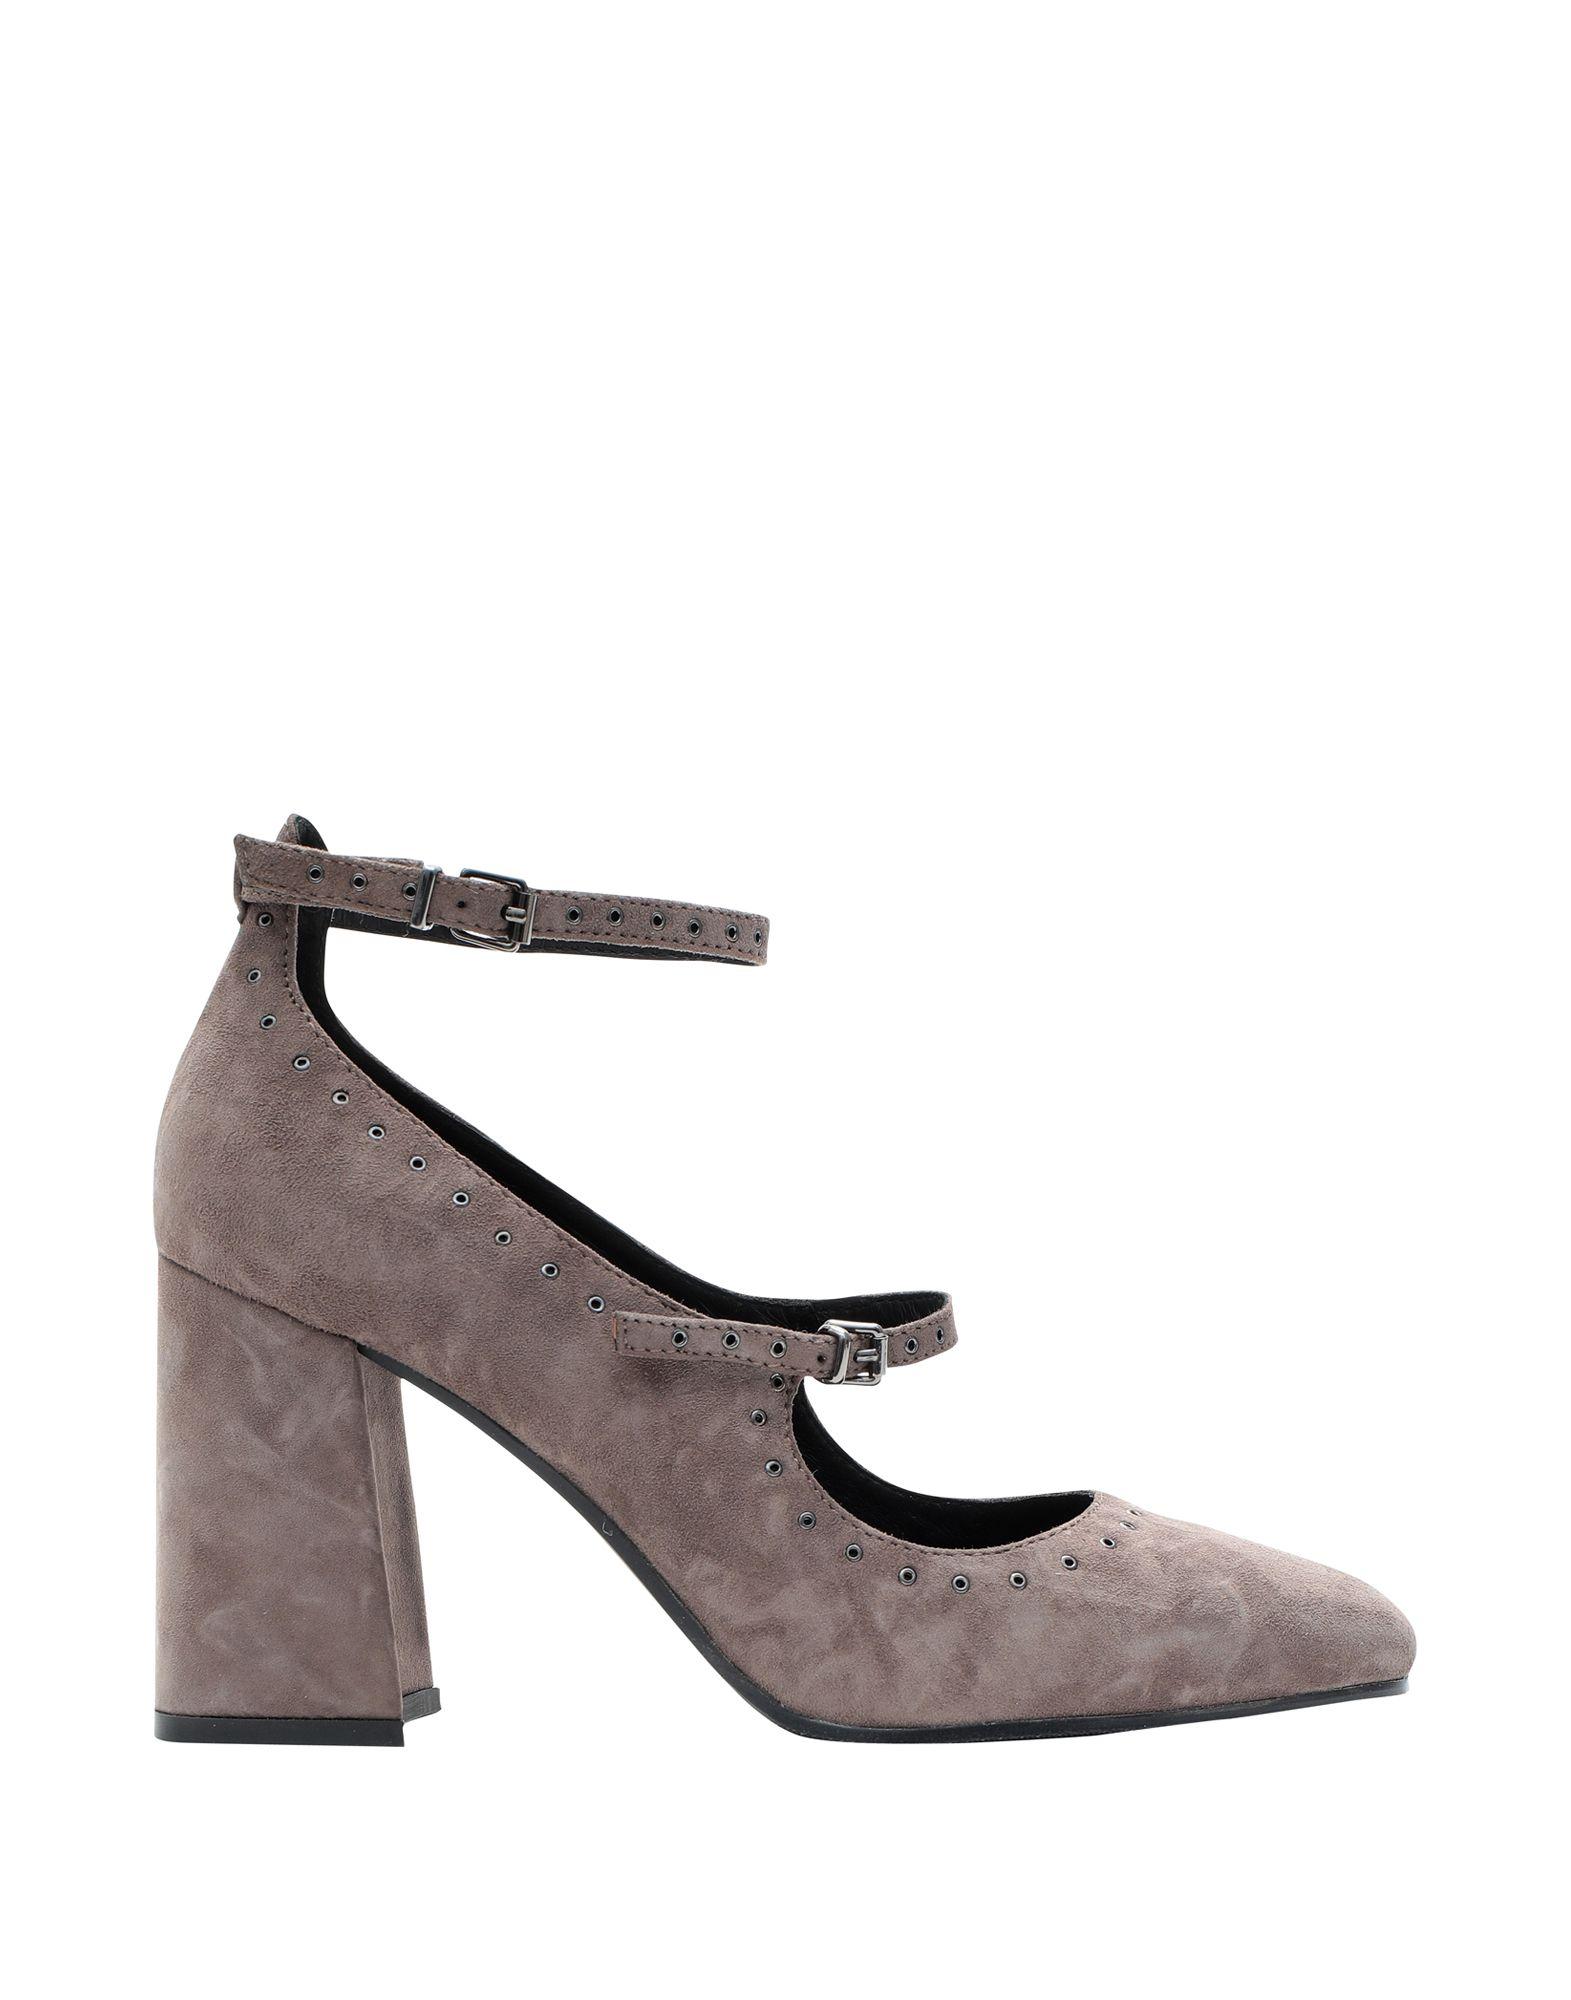 Escarpins Bruno Premi Femme - Escarpins Bruno Premi Noir Les chaussures les plus populaires pour les hommes et les femmes